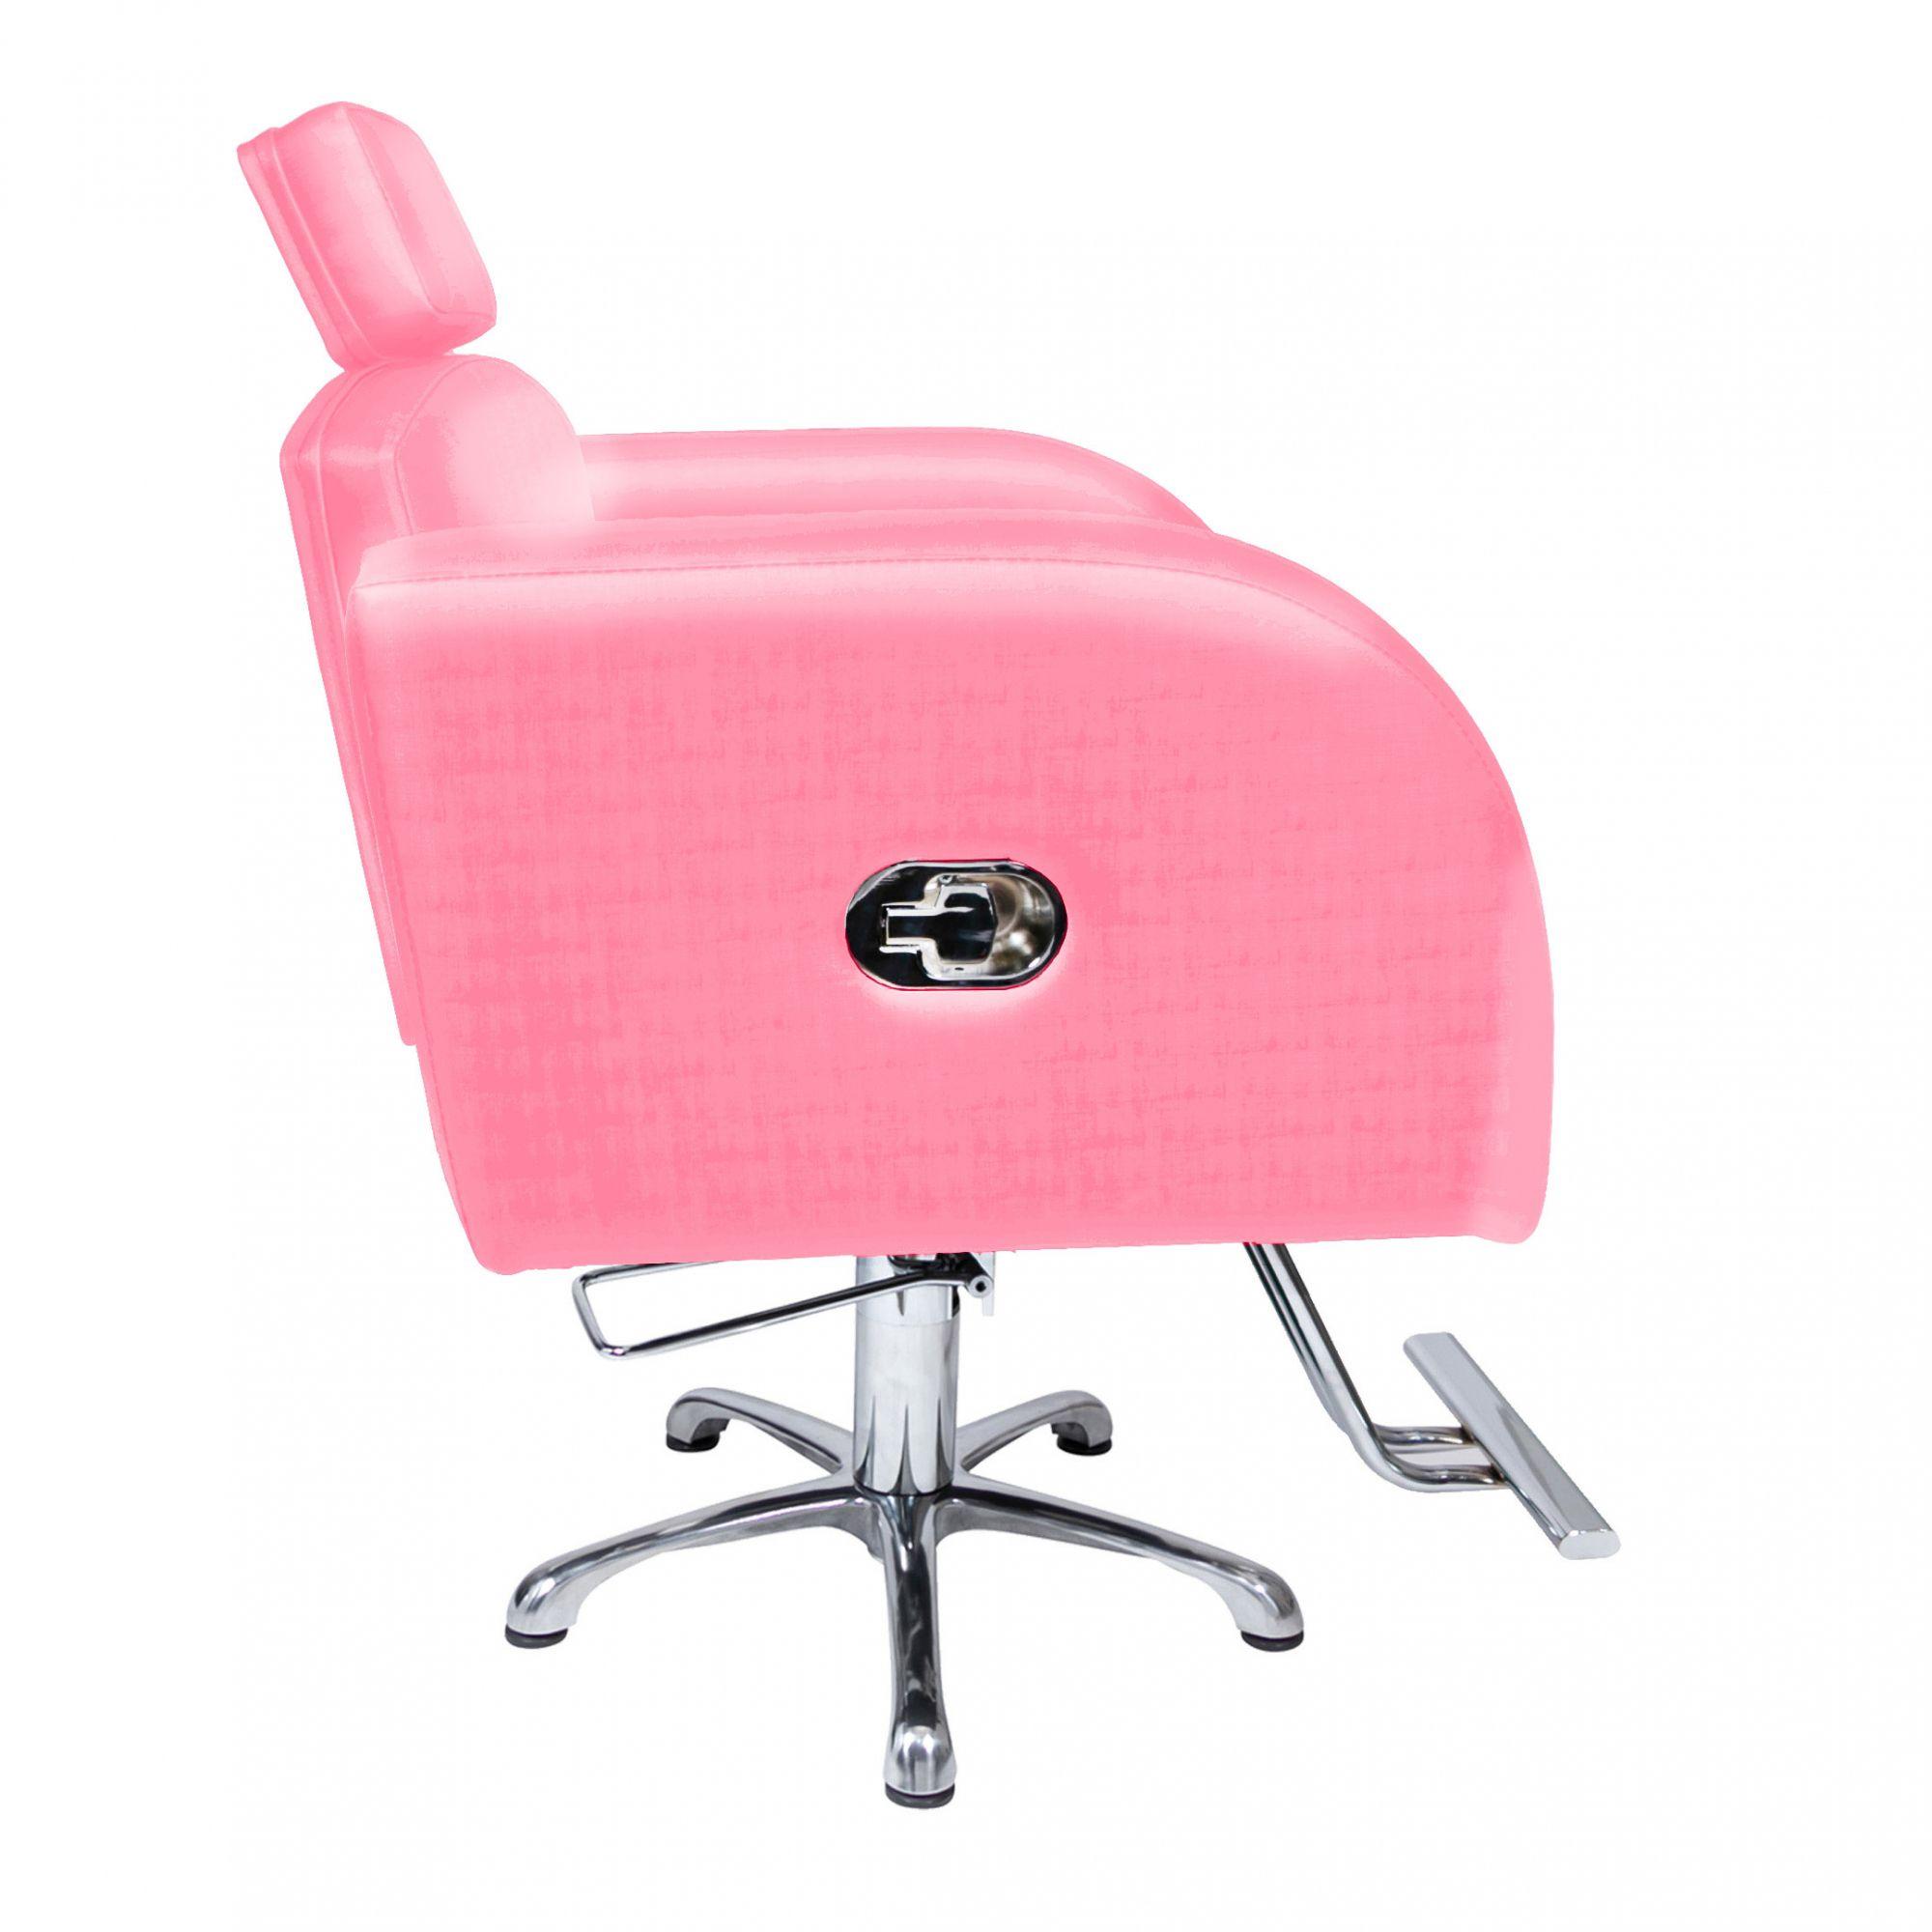 Destak Rosa - Lavatorio + Cadeira Hidráulica Reclinável